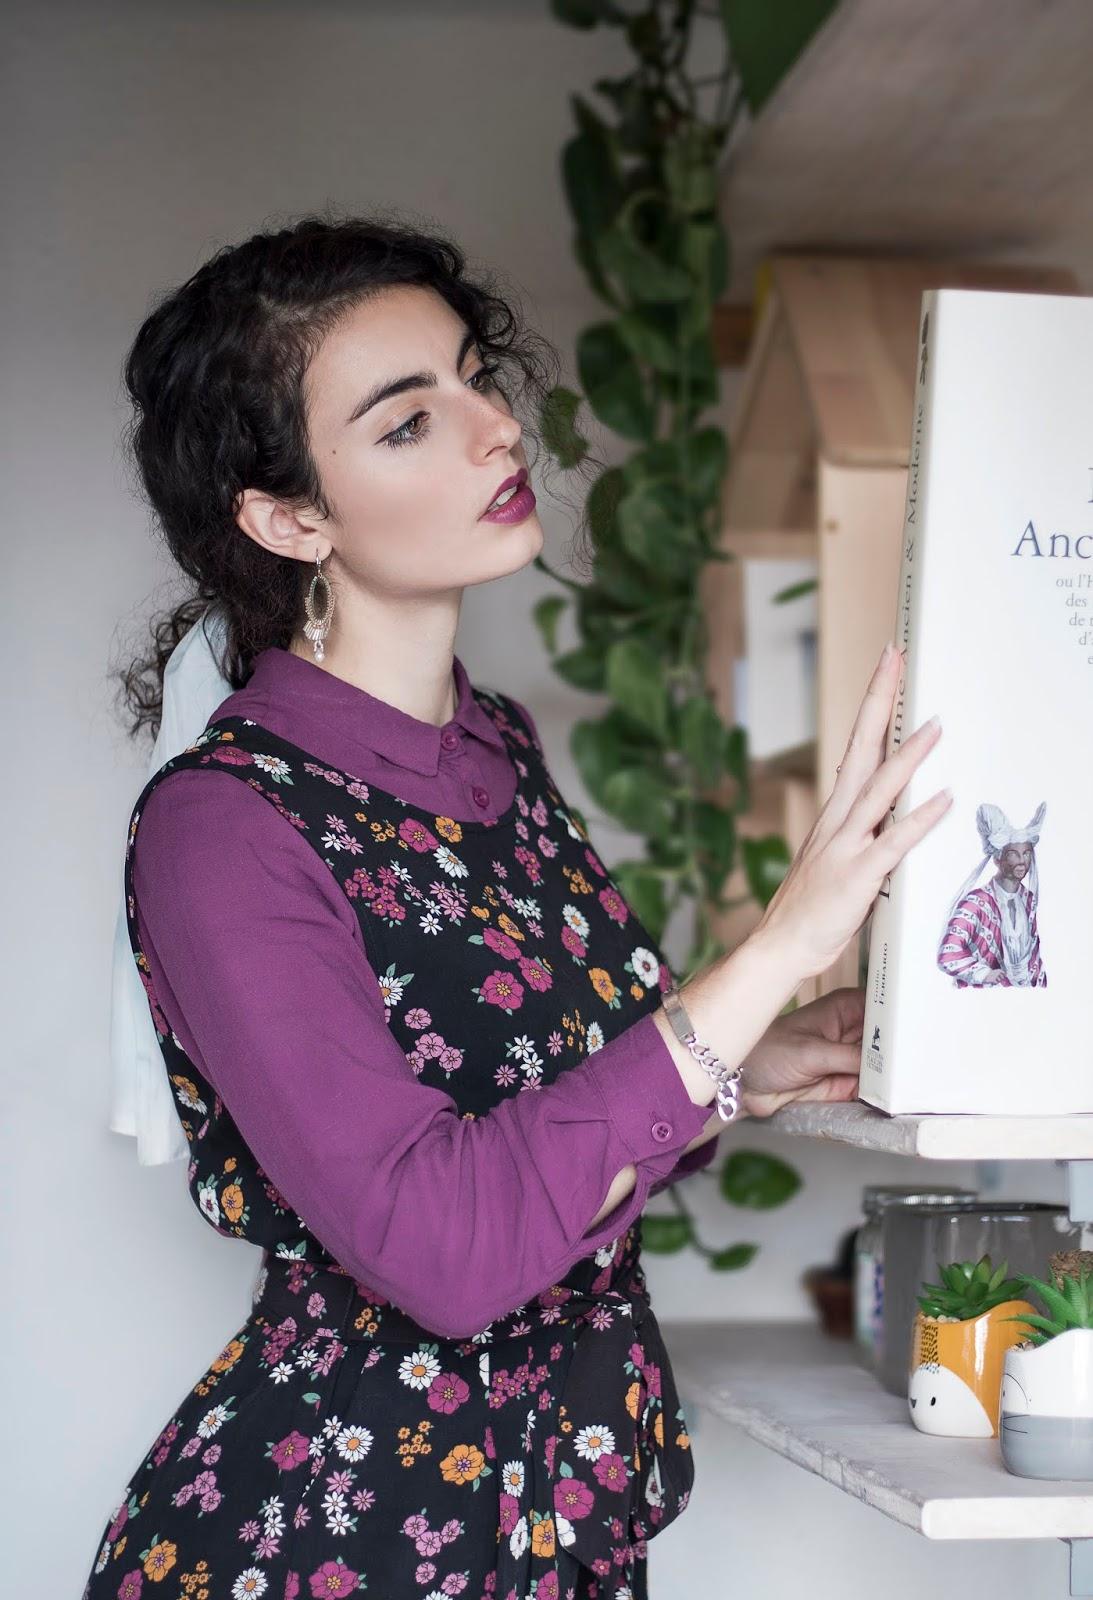 Combinaison à fleurs, blouse violette, foulard dans les cheveu et chaussures jaunes.